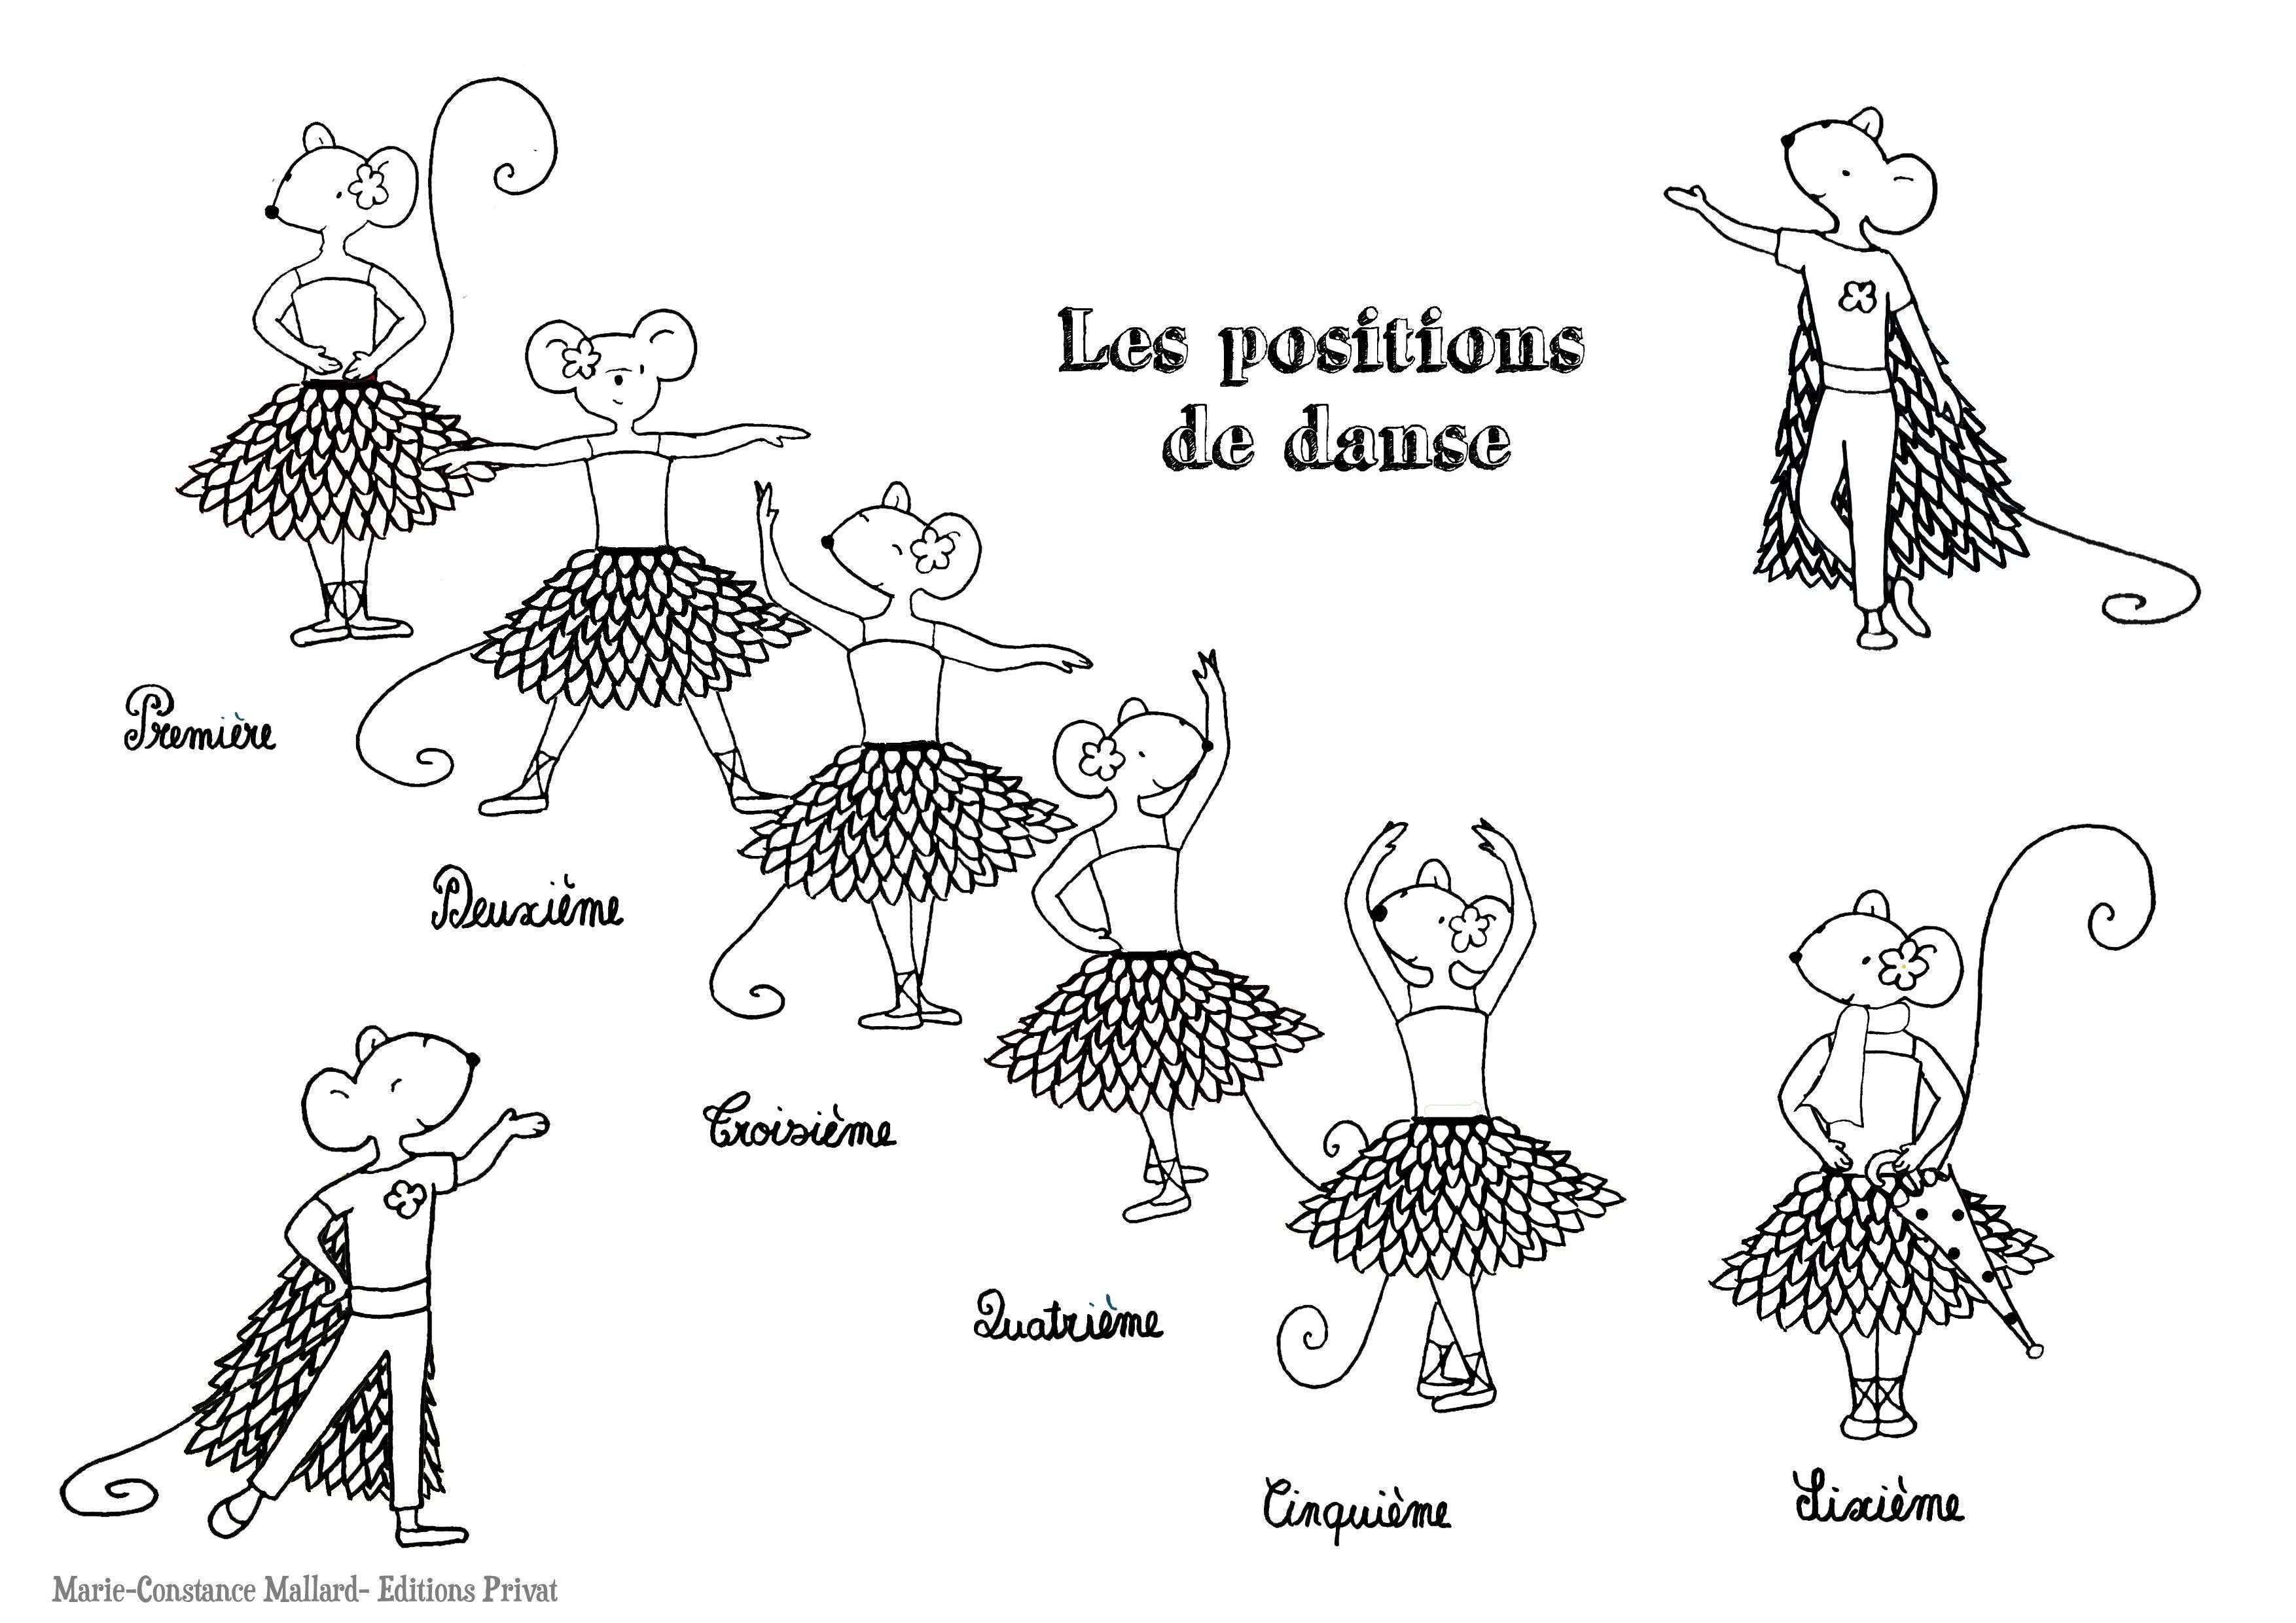 Coloriage Anti Stress Danse.Coloriage Positions Danse Classique Violette Mirgue